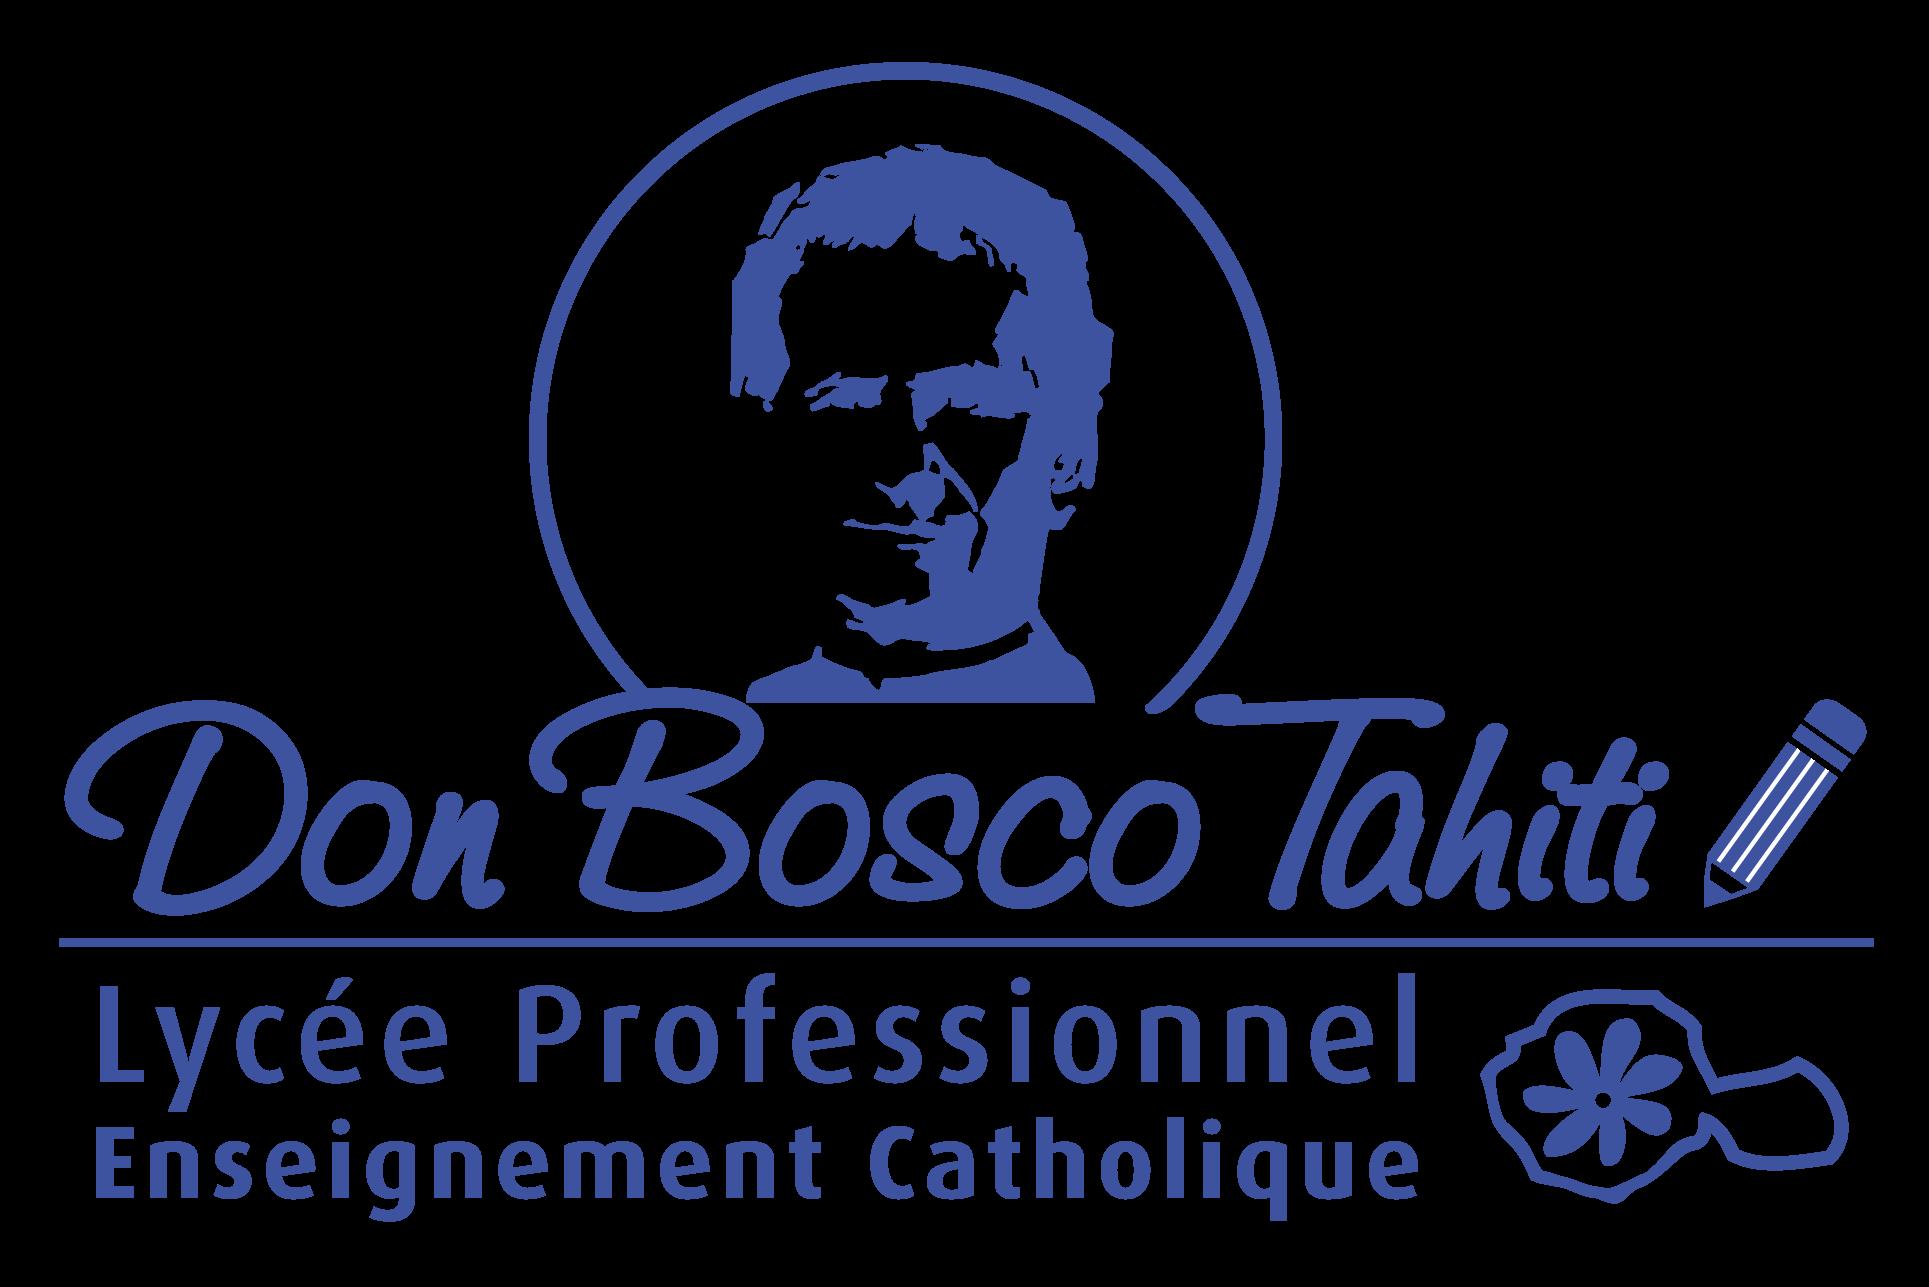 LOGO-DON-BOSCO